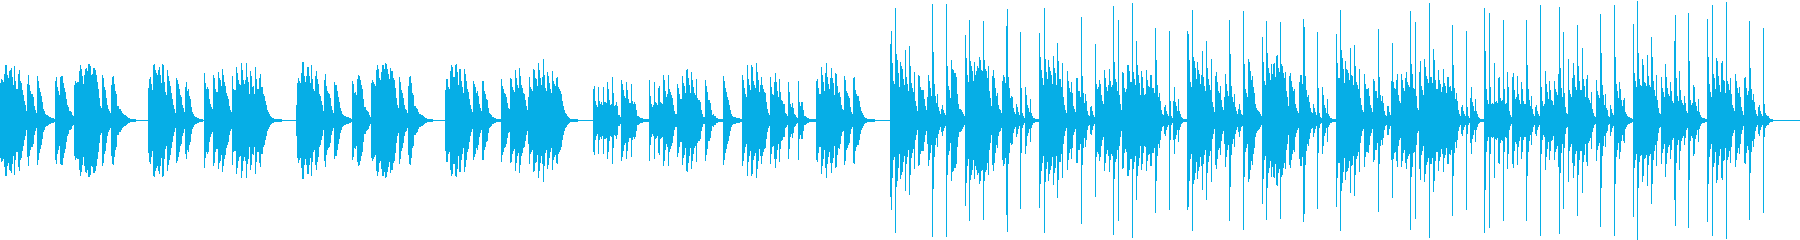 Youtube トーク場面 ほのぼのの再生済みの波形